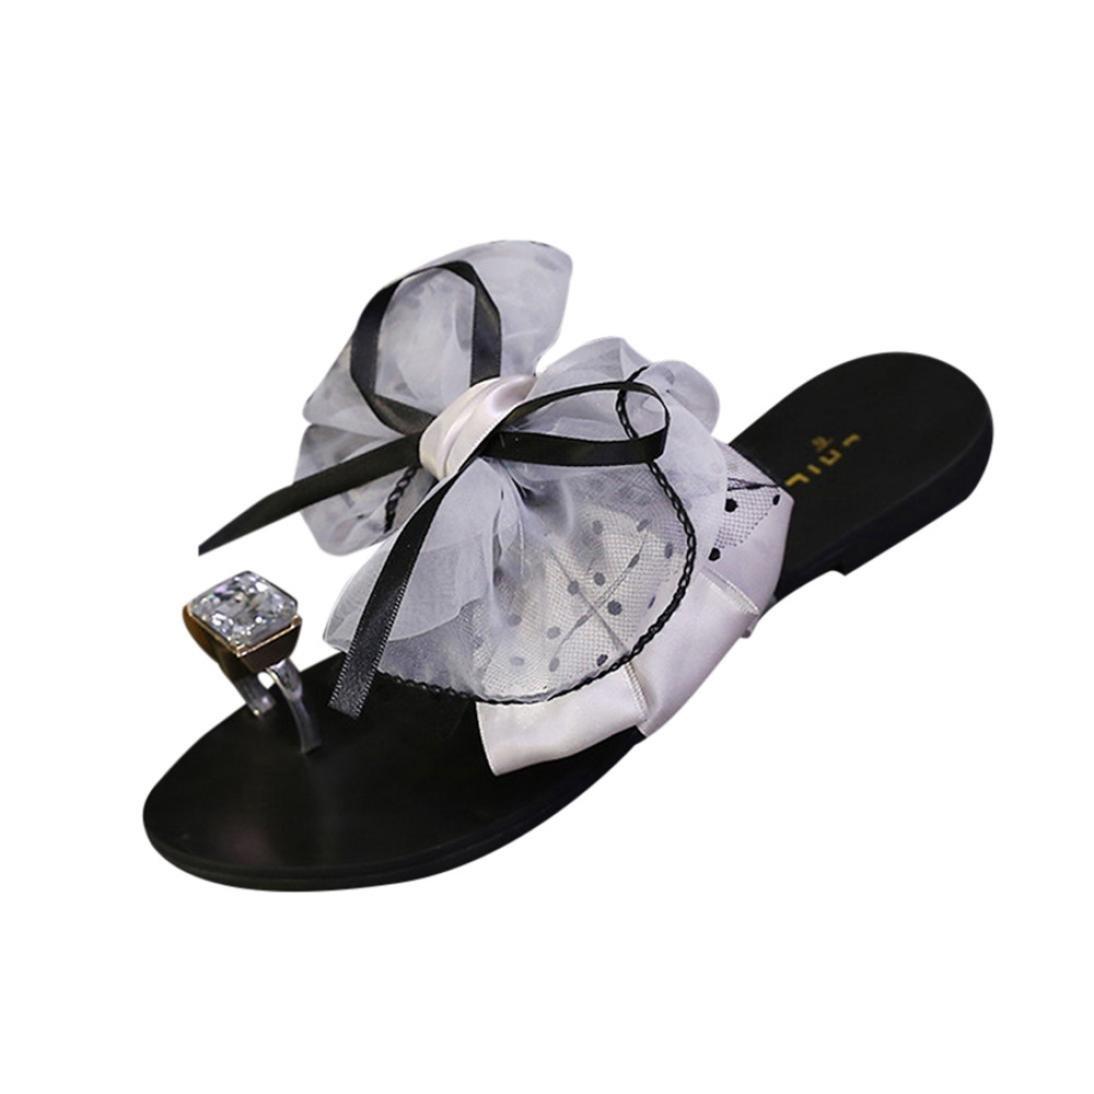 Zehentrenner Damen LUCKYCAT Schmetterling Knoten Blume Drill Schnalle Set Toe flach Sandalen Pantoffeln Schuhe Hausschuhe Damenschuhe Ledersandalen Zehensandalen SandalenCN:38=EU:37|Grau